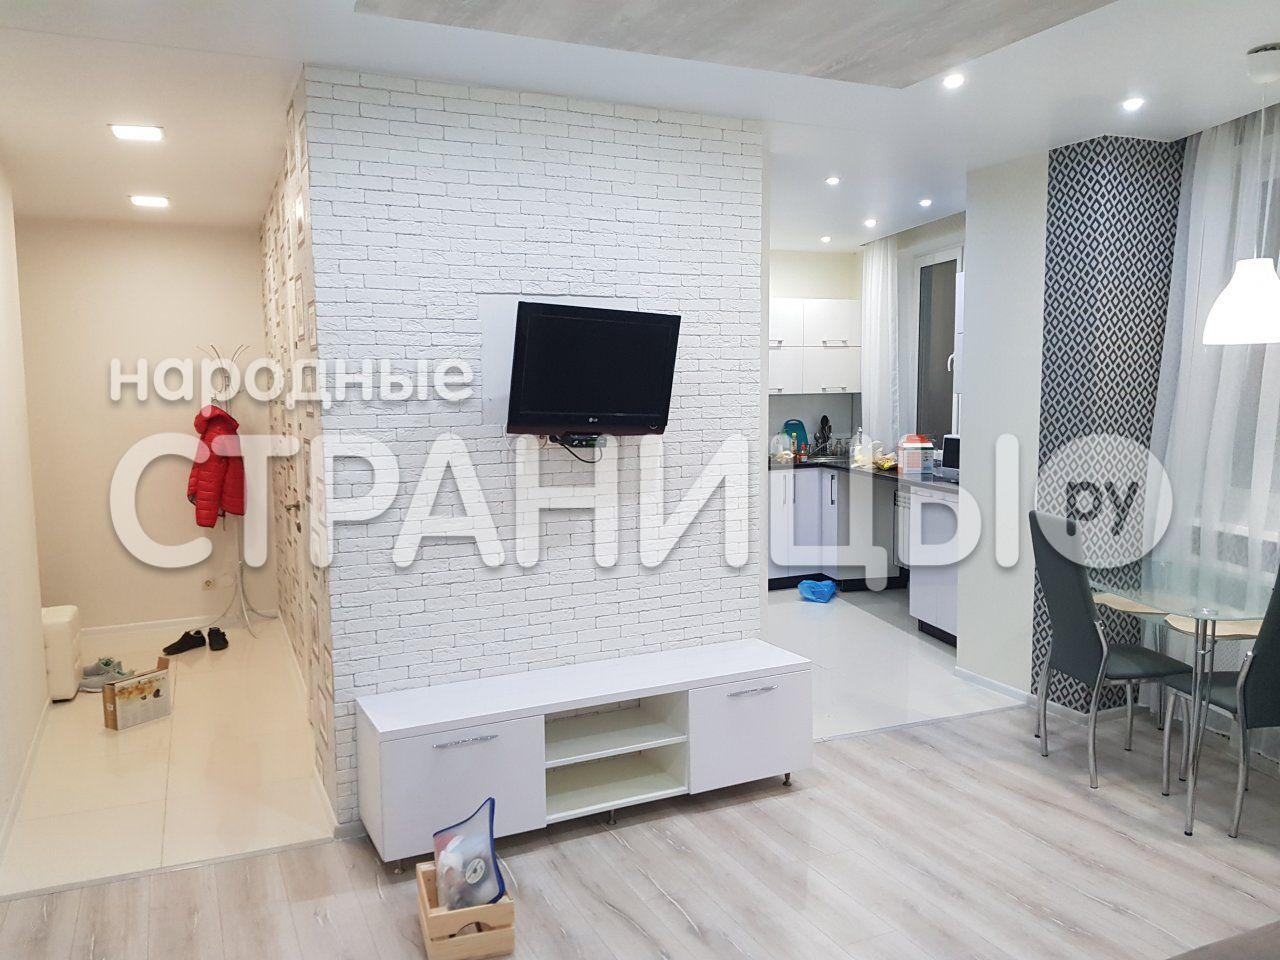 2-комнатная квартира, 41.0 м²,  17/25 эт. Кирпичный дом, Вторичное жилье